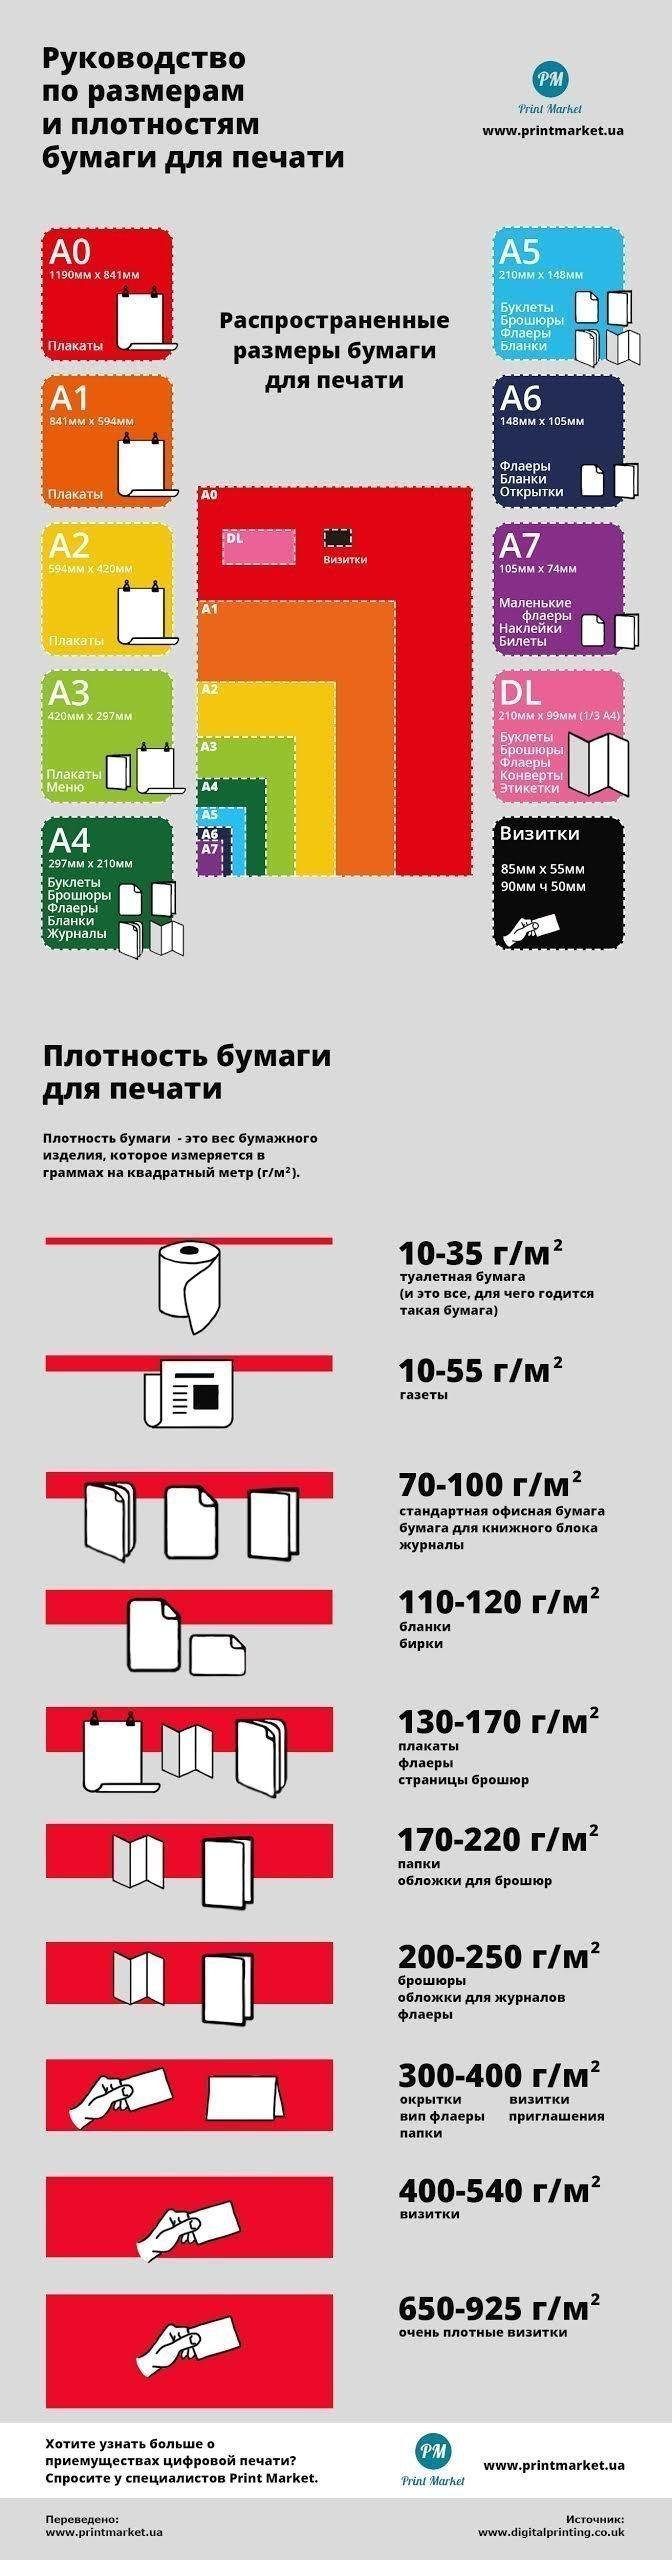 Инфографика: размер и плотность бумаги. 1